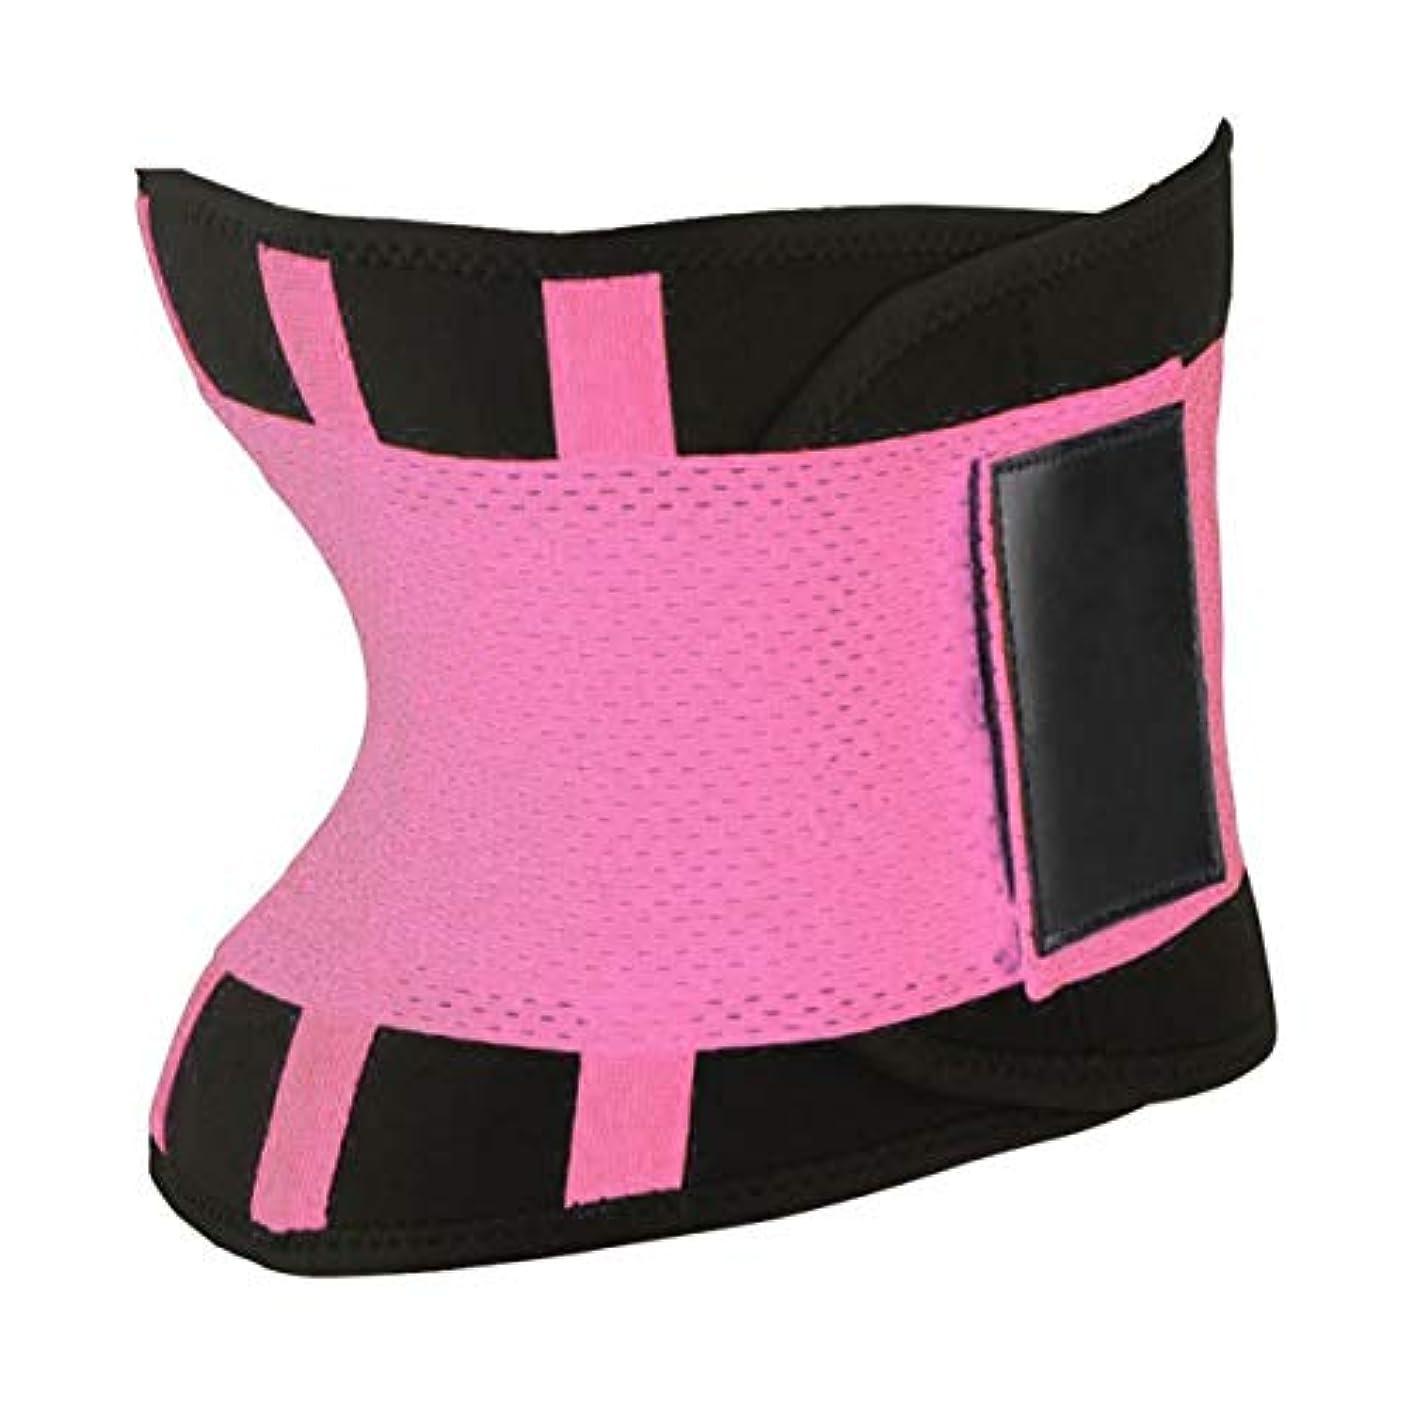 解決知性ブース快適な女性ボディシェイパー痩身シェイパーベルトスポーツ女性ウエストトレーナーニッパー制御バーニングボディおなかベルト - ピンク2xl